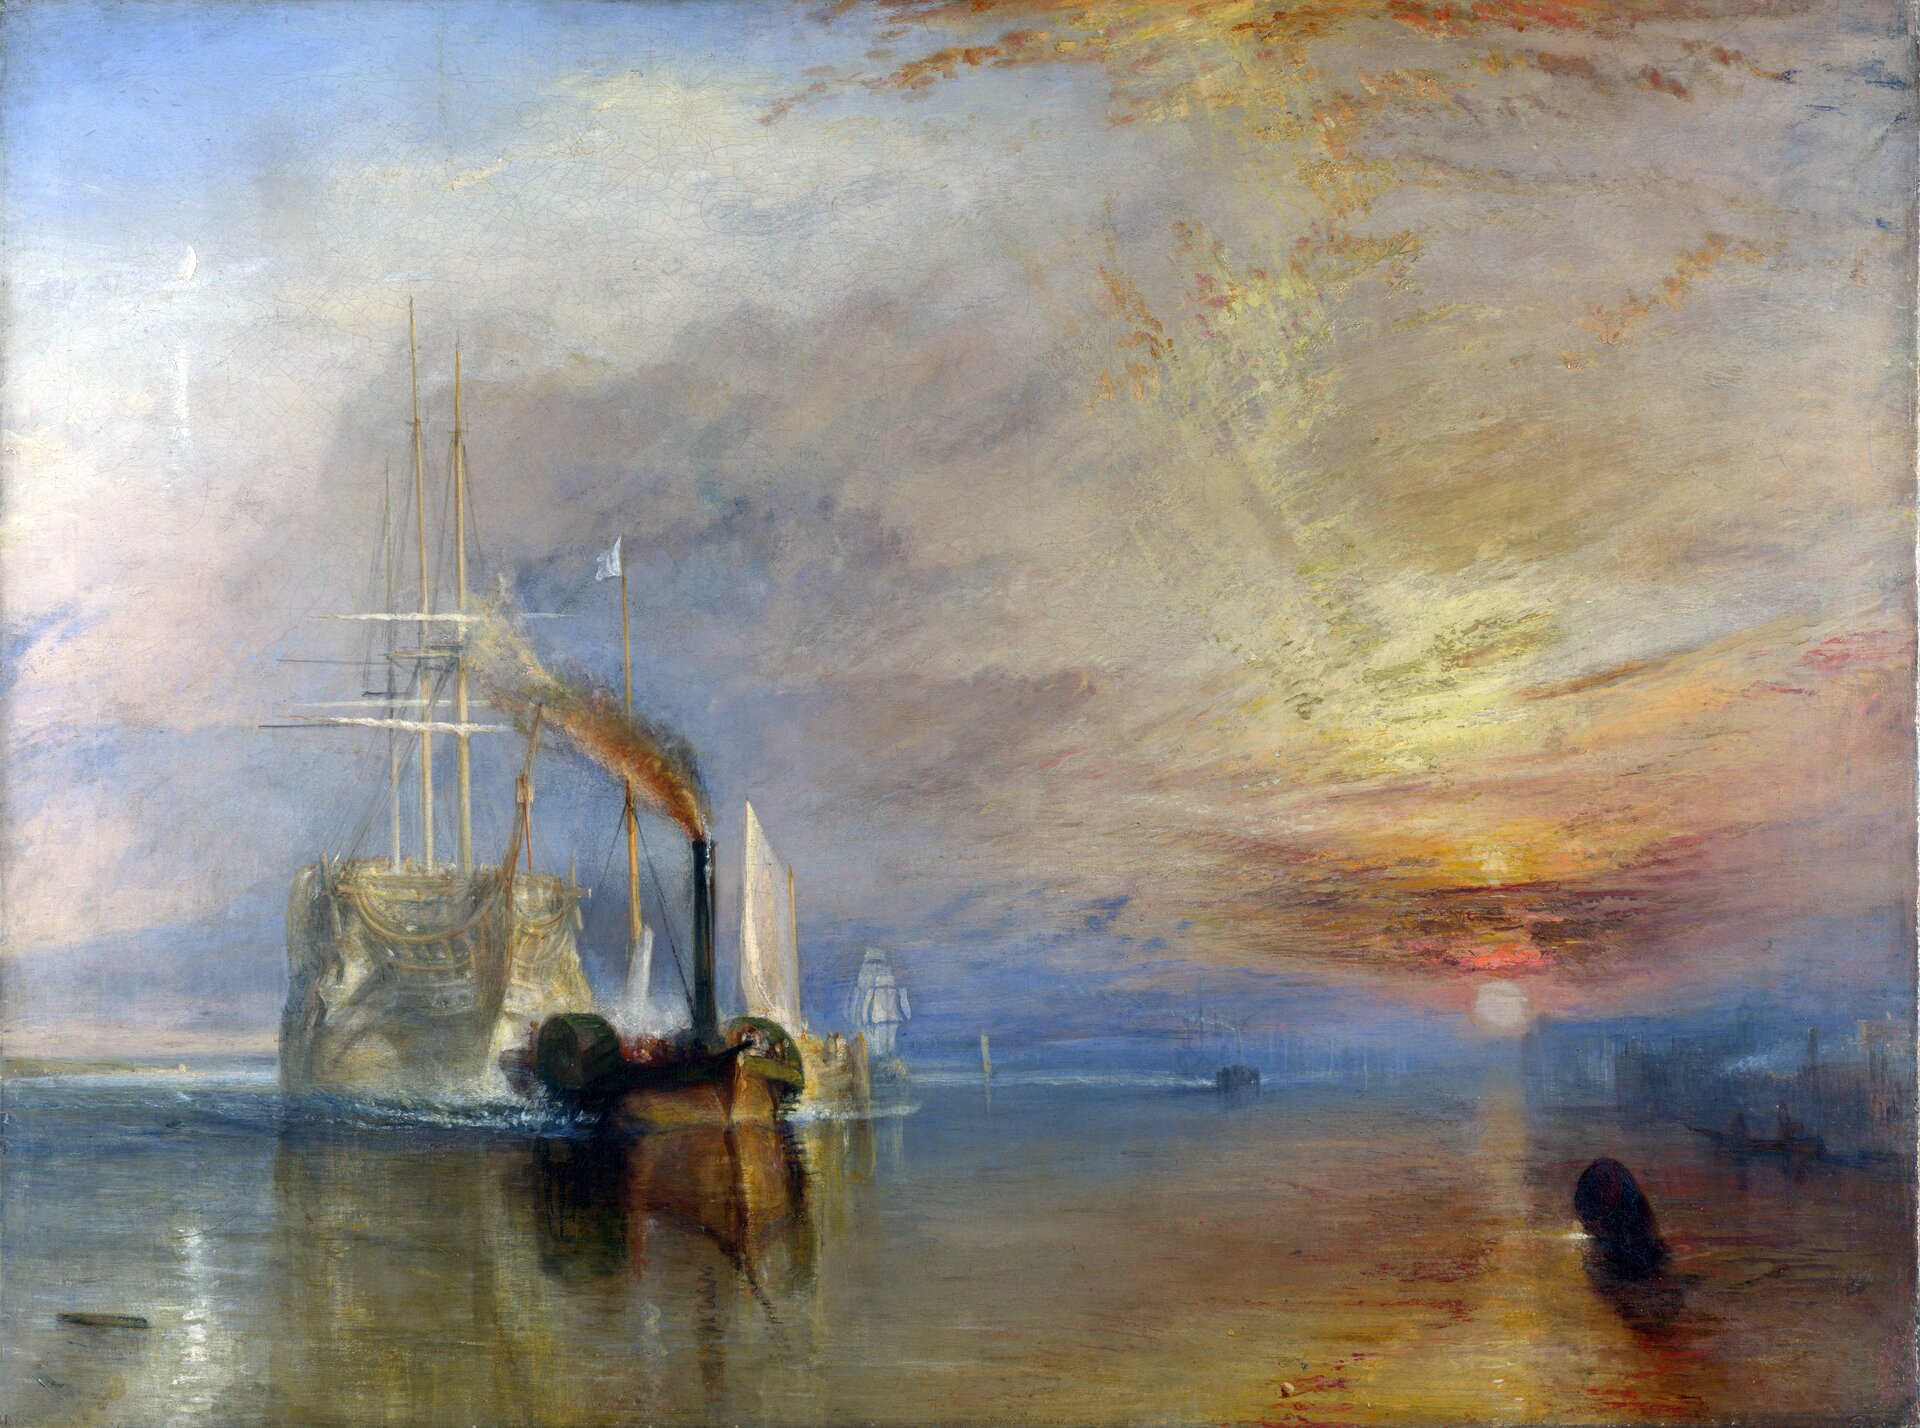 """Ilustracja przedstawia obraz Williama Turnera pt. """"Ostatni rejs Temeraire"""" lub """"Statek holowany do stoczni"""". Obraz powstał w1839 roku. Obecnie możemy go znaleźć wNational Gallery wLondynie wAnglii. Dzieło przedstawia płynący po morzu okręt. Zmierza on wmiejsce jego rozbiórki. Wtle widoczny jest zachód słońca. Autorem dzieła był angielski malarz. Artysta znany był przede wszystkim zmalowania romantycznych pejzaży. Postrzegany był także jako prekursor impresjonizmu. Prace Turnera charakteryzują się wyrazistymi barwami, ponieważ malarz perfekcyjnie potrafił uchwycić światło wswoich pracach."""